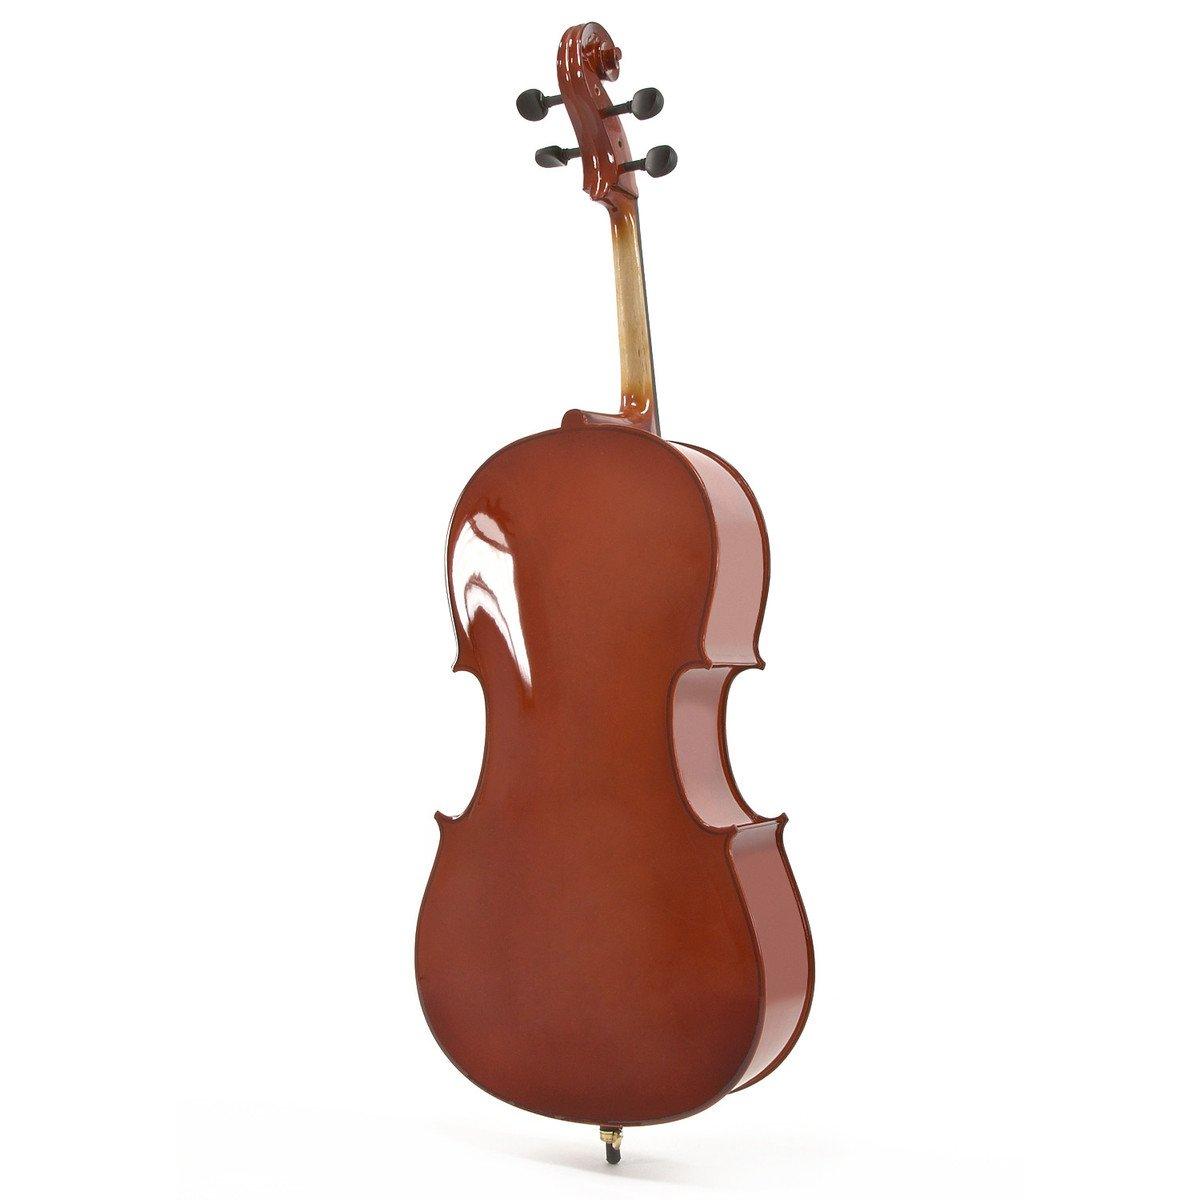 Violonchelo de Estudiante de 3/4 + Estuche de Gear4music: Amazon.es: Instrumentos musicales